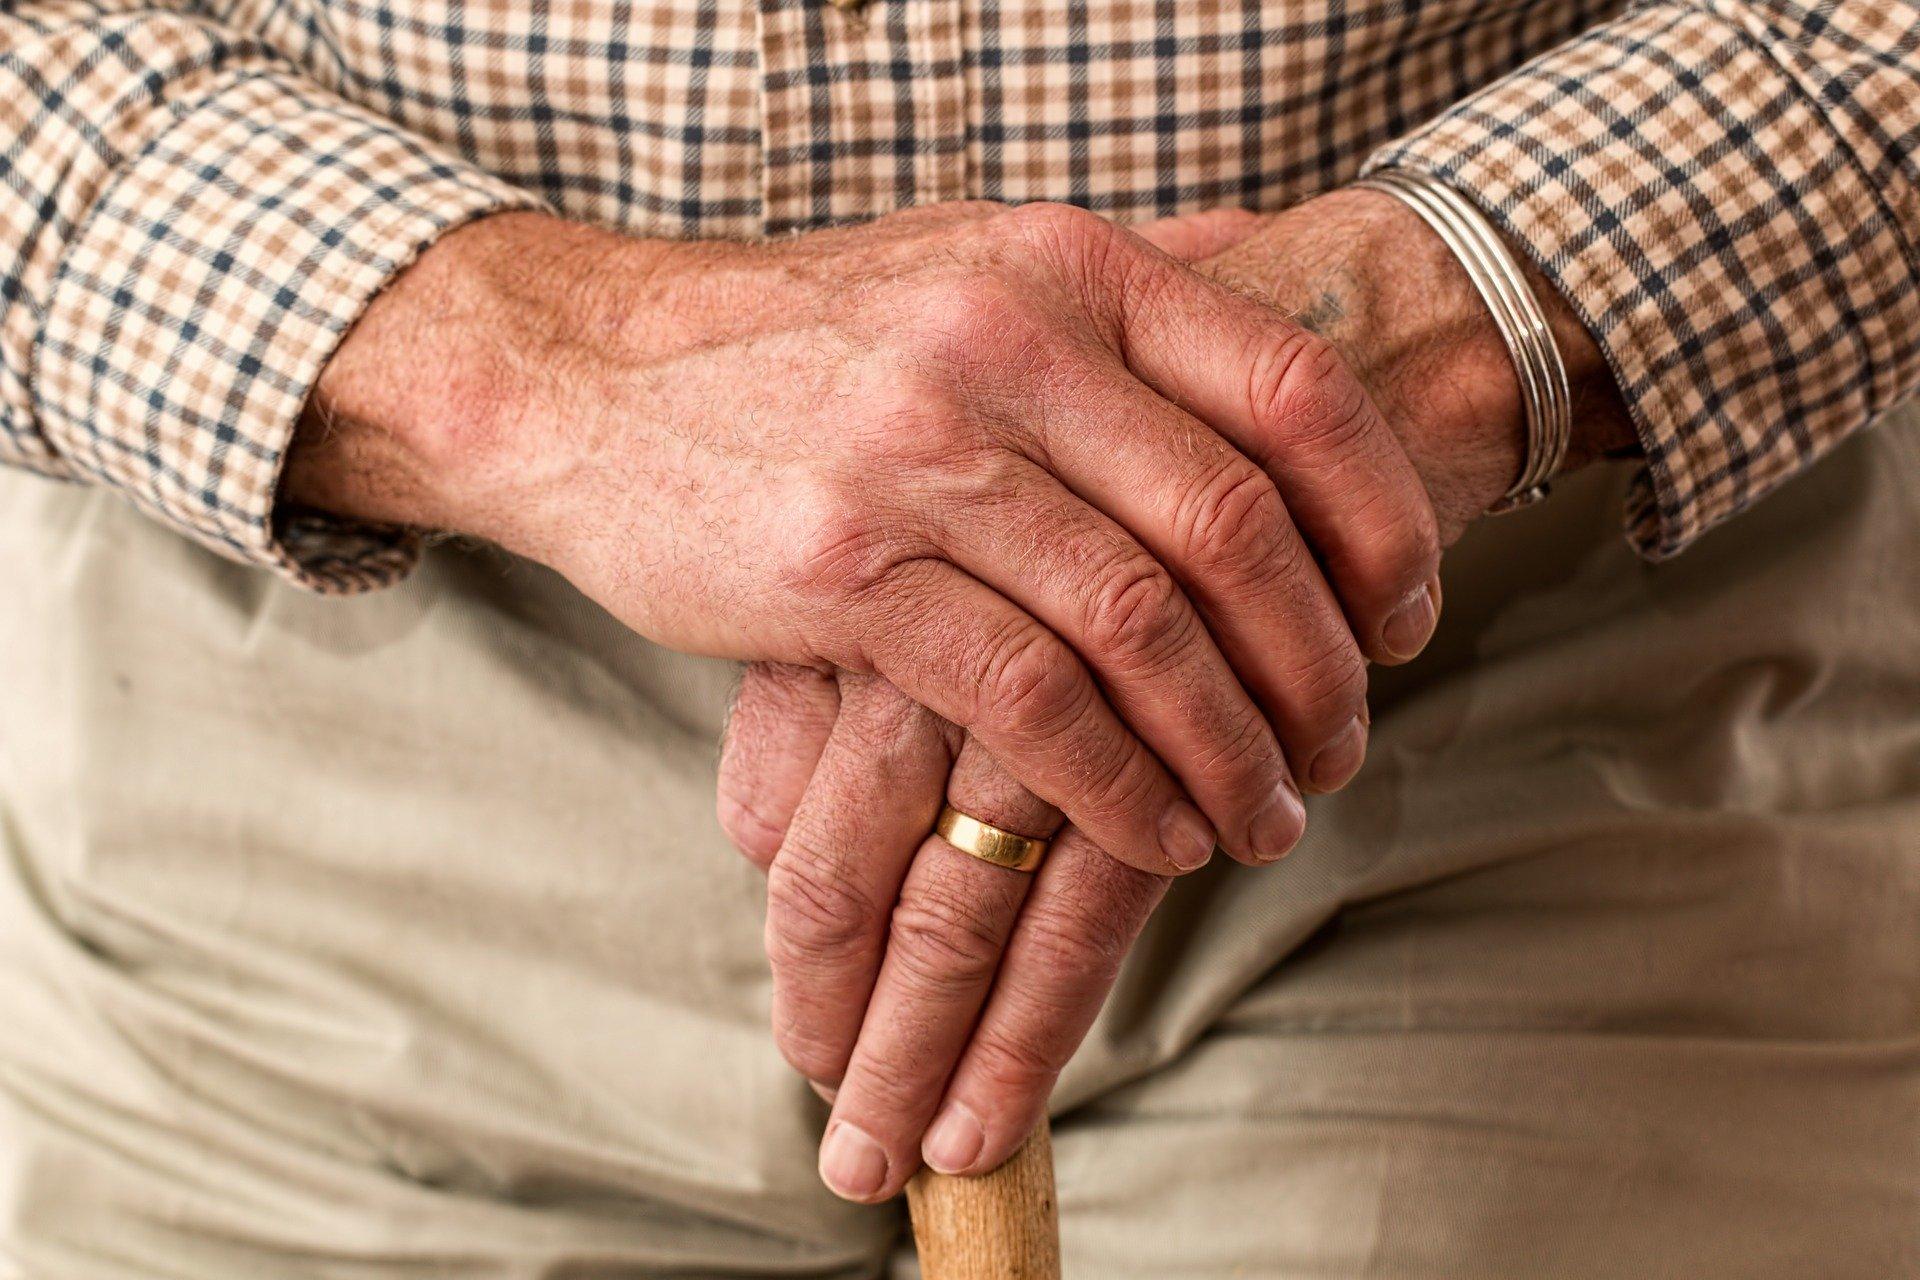 Un Juzgado de lo Contencioso Administrativo de Las Palmas autoriza a obligar a un anciano a hacerse el test de la COVID-19